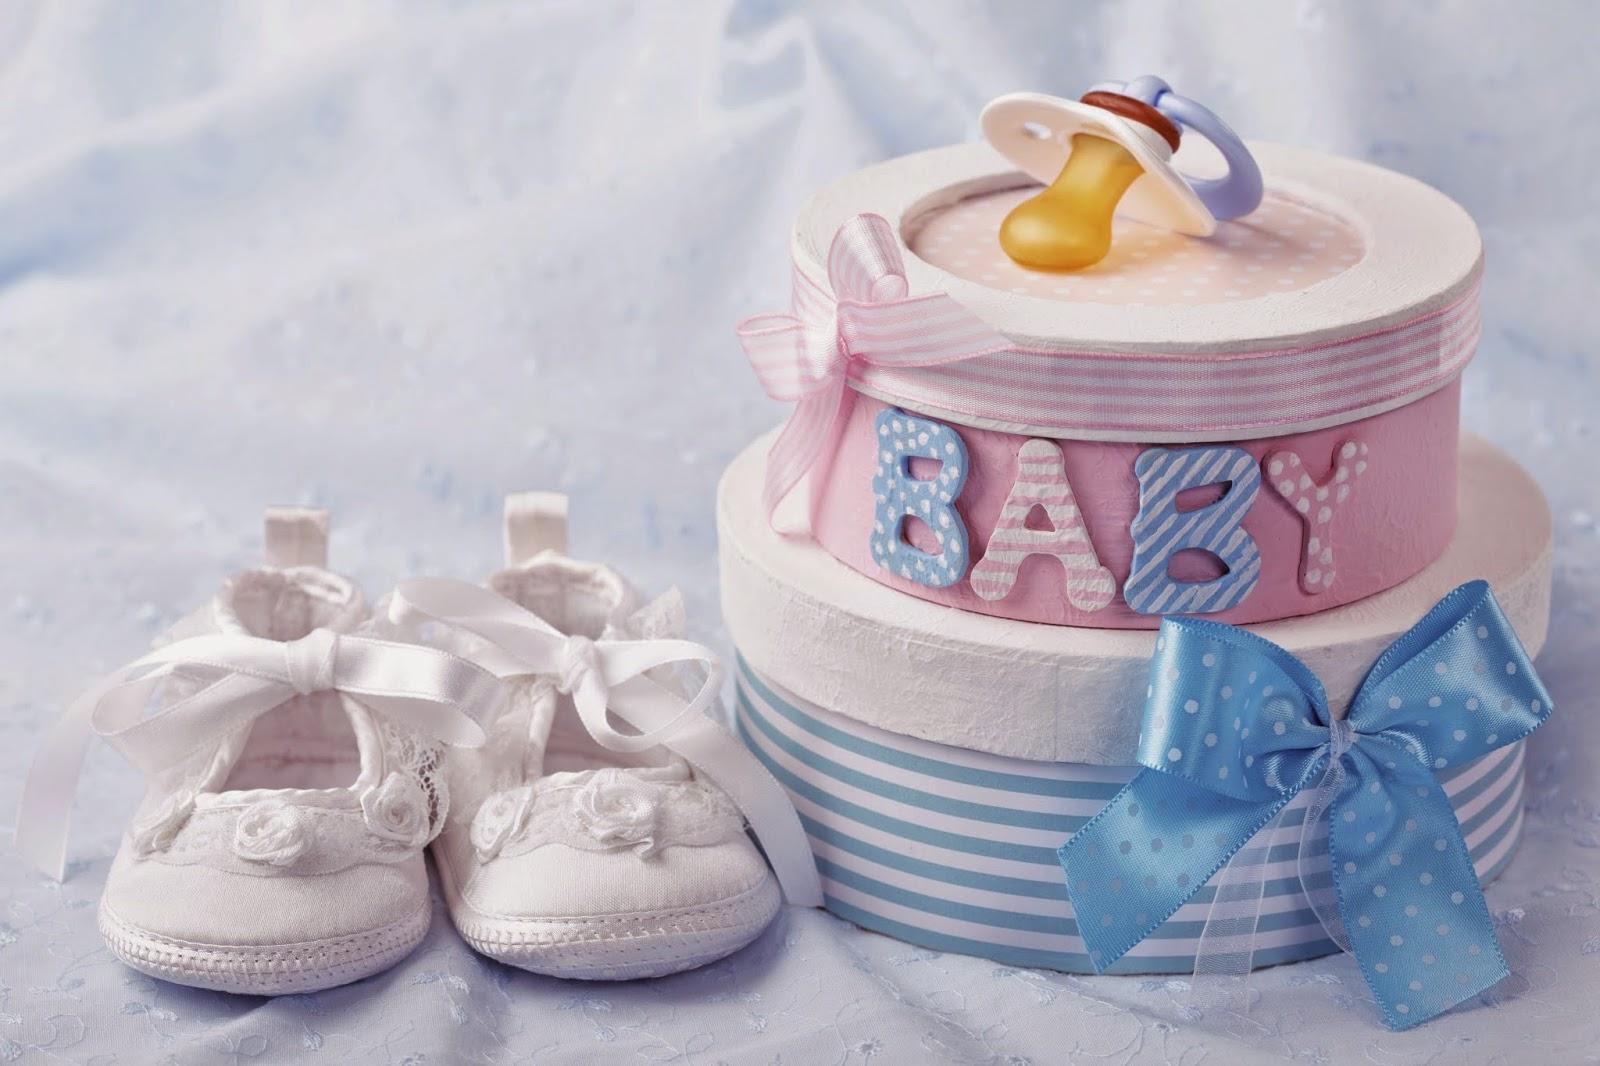 Торты на заказ в Москве: заказать торт с доставкой от КС 89